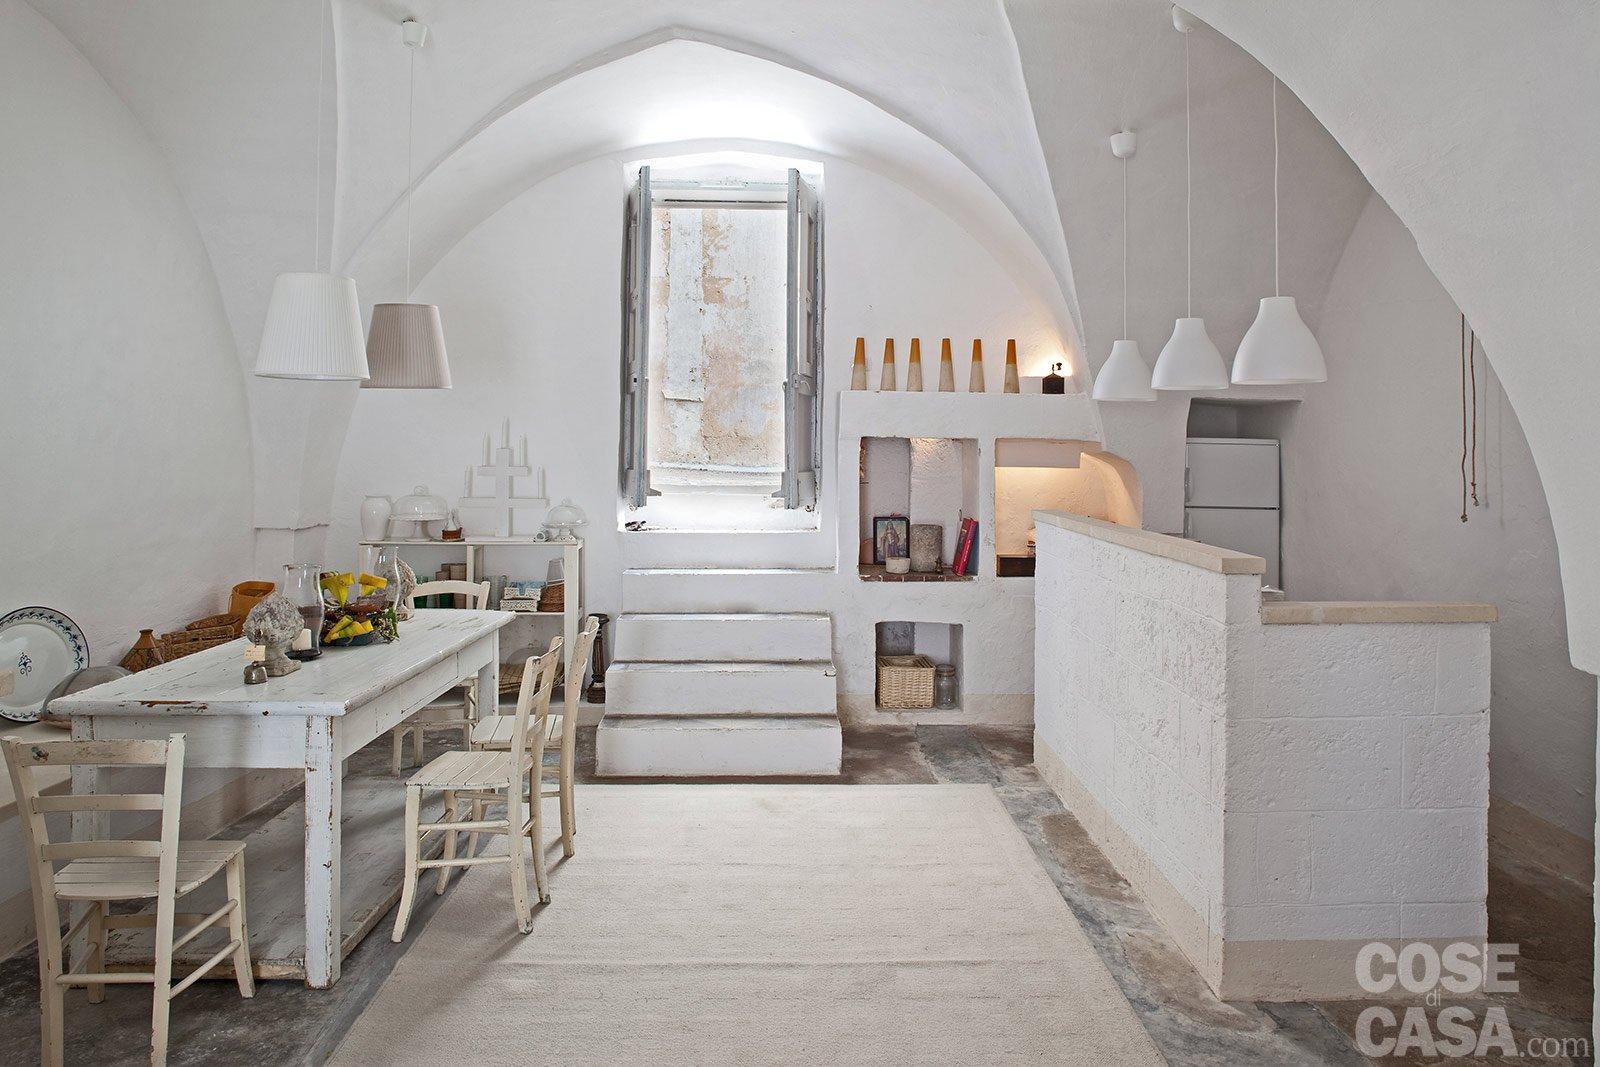 Una casa in pietra in stile mediterraneo cose di casa for Piani di casa con passaggi e stanze segrete